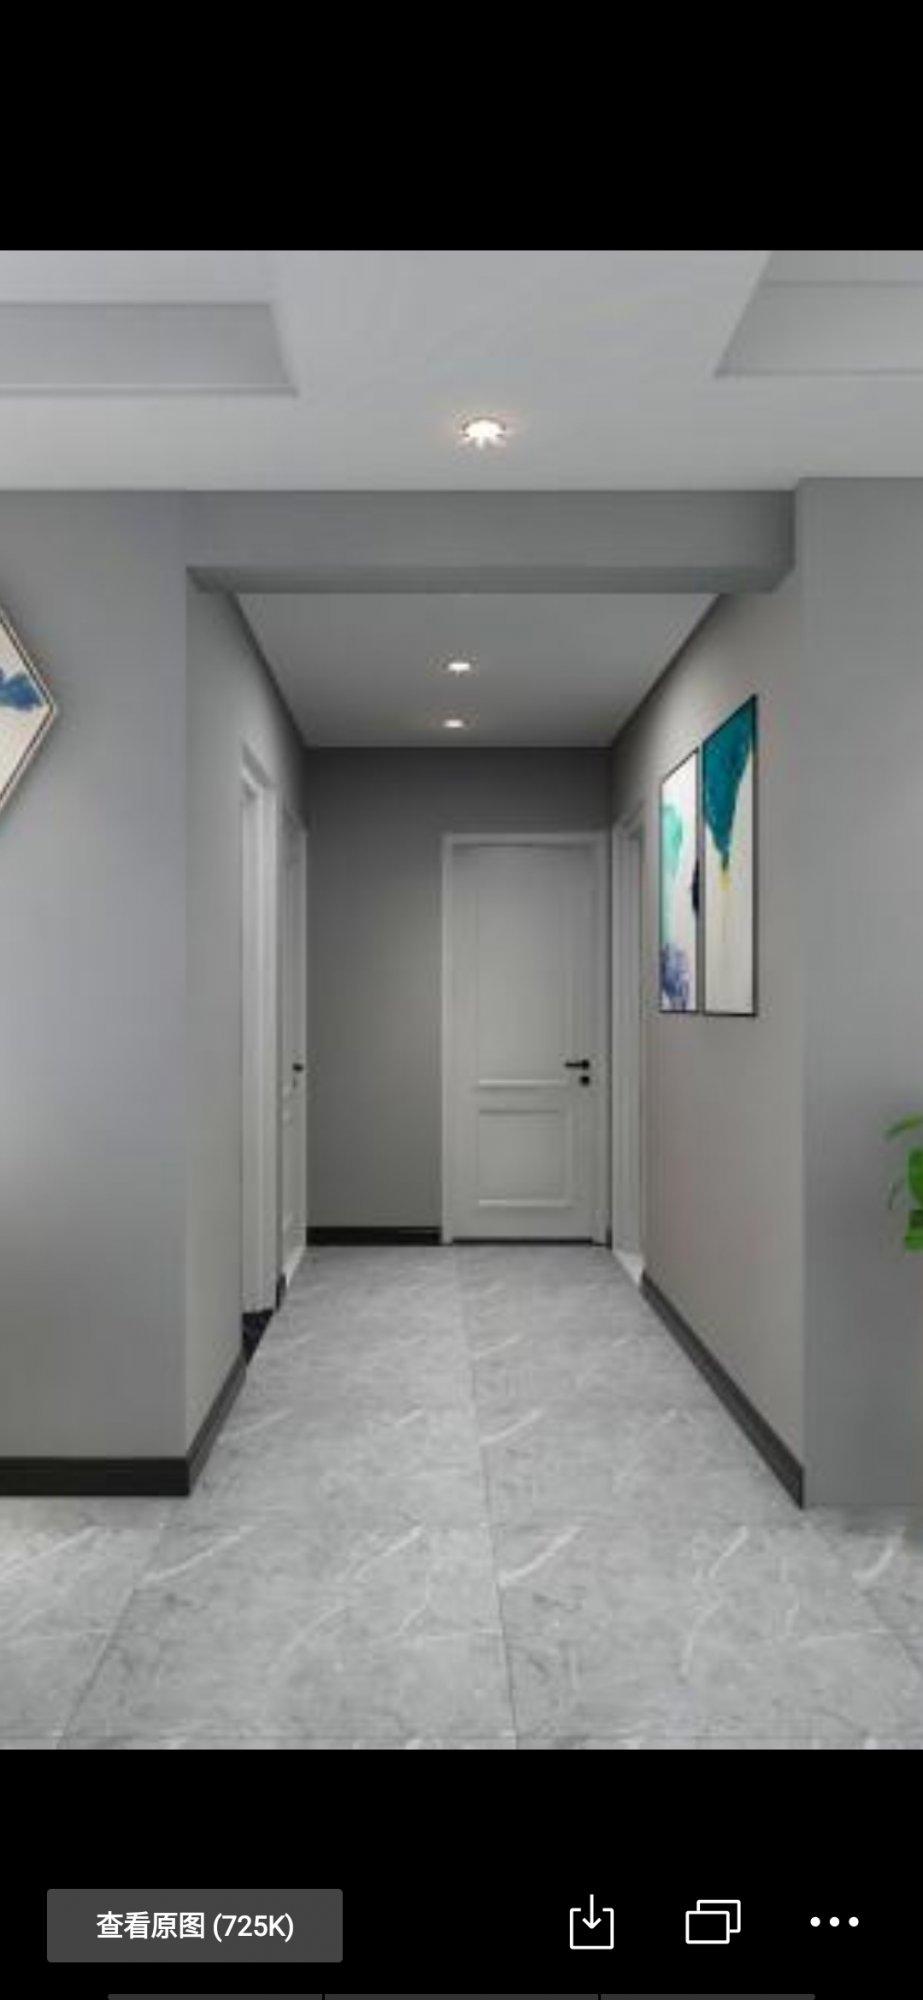 走廊宽1.6米,主卧门在顶头,布局不合理,求改造办法?